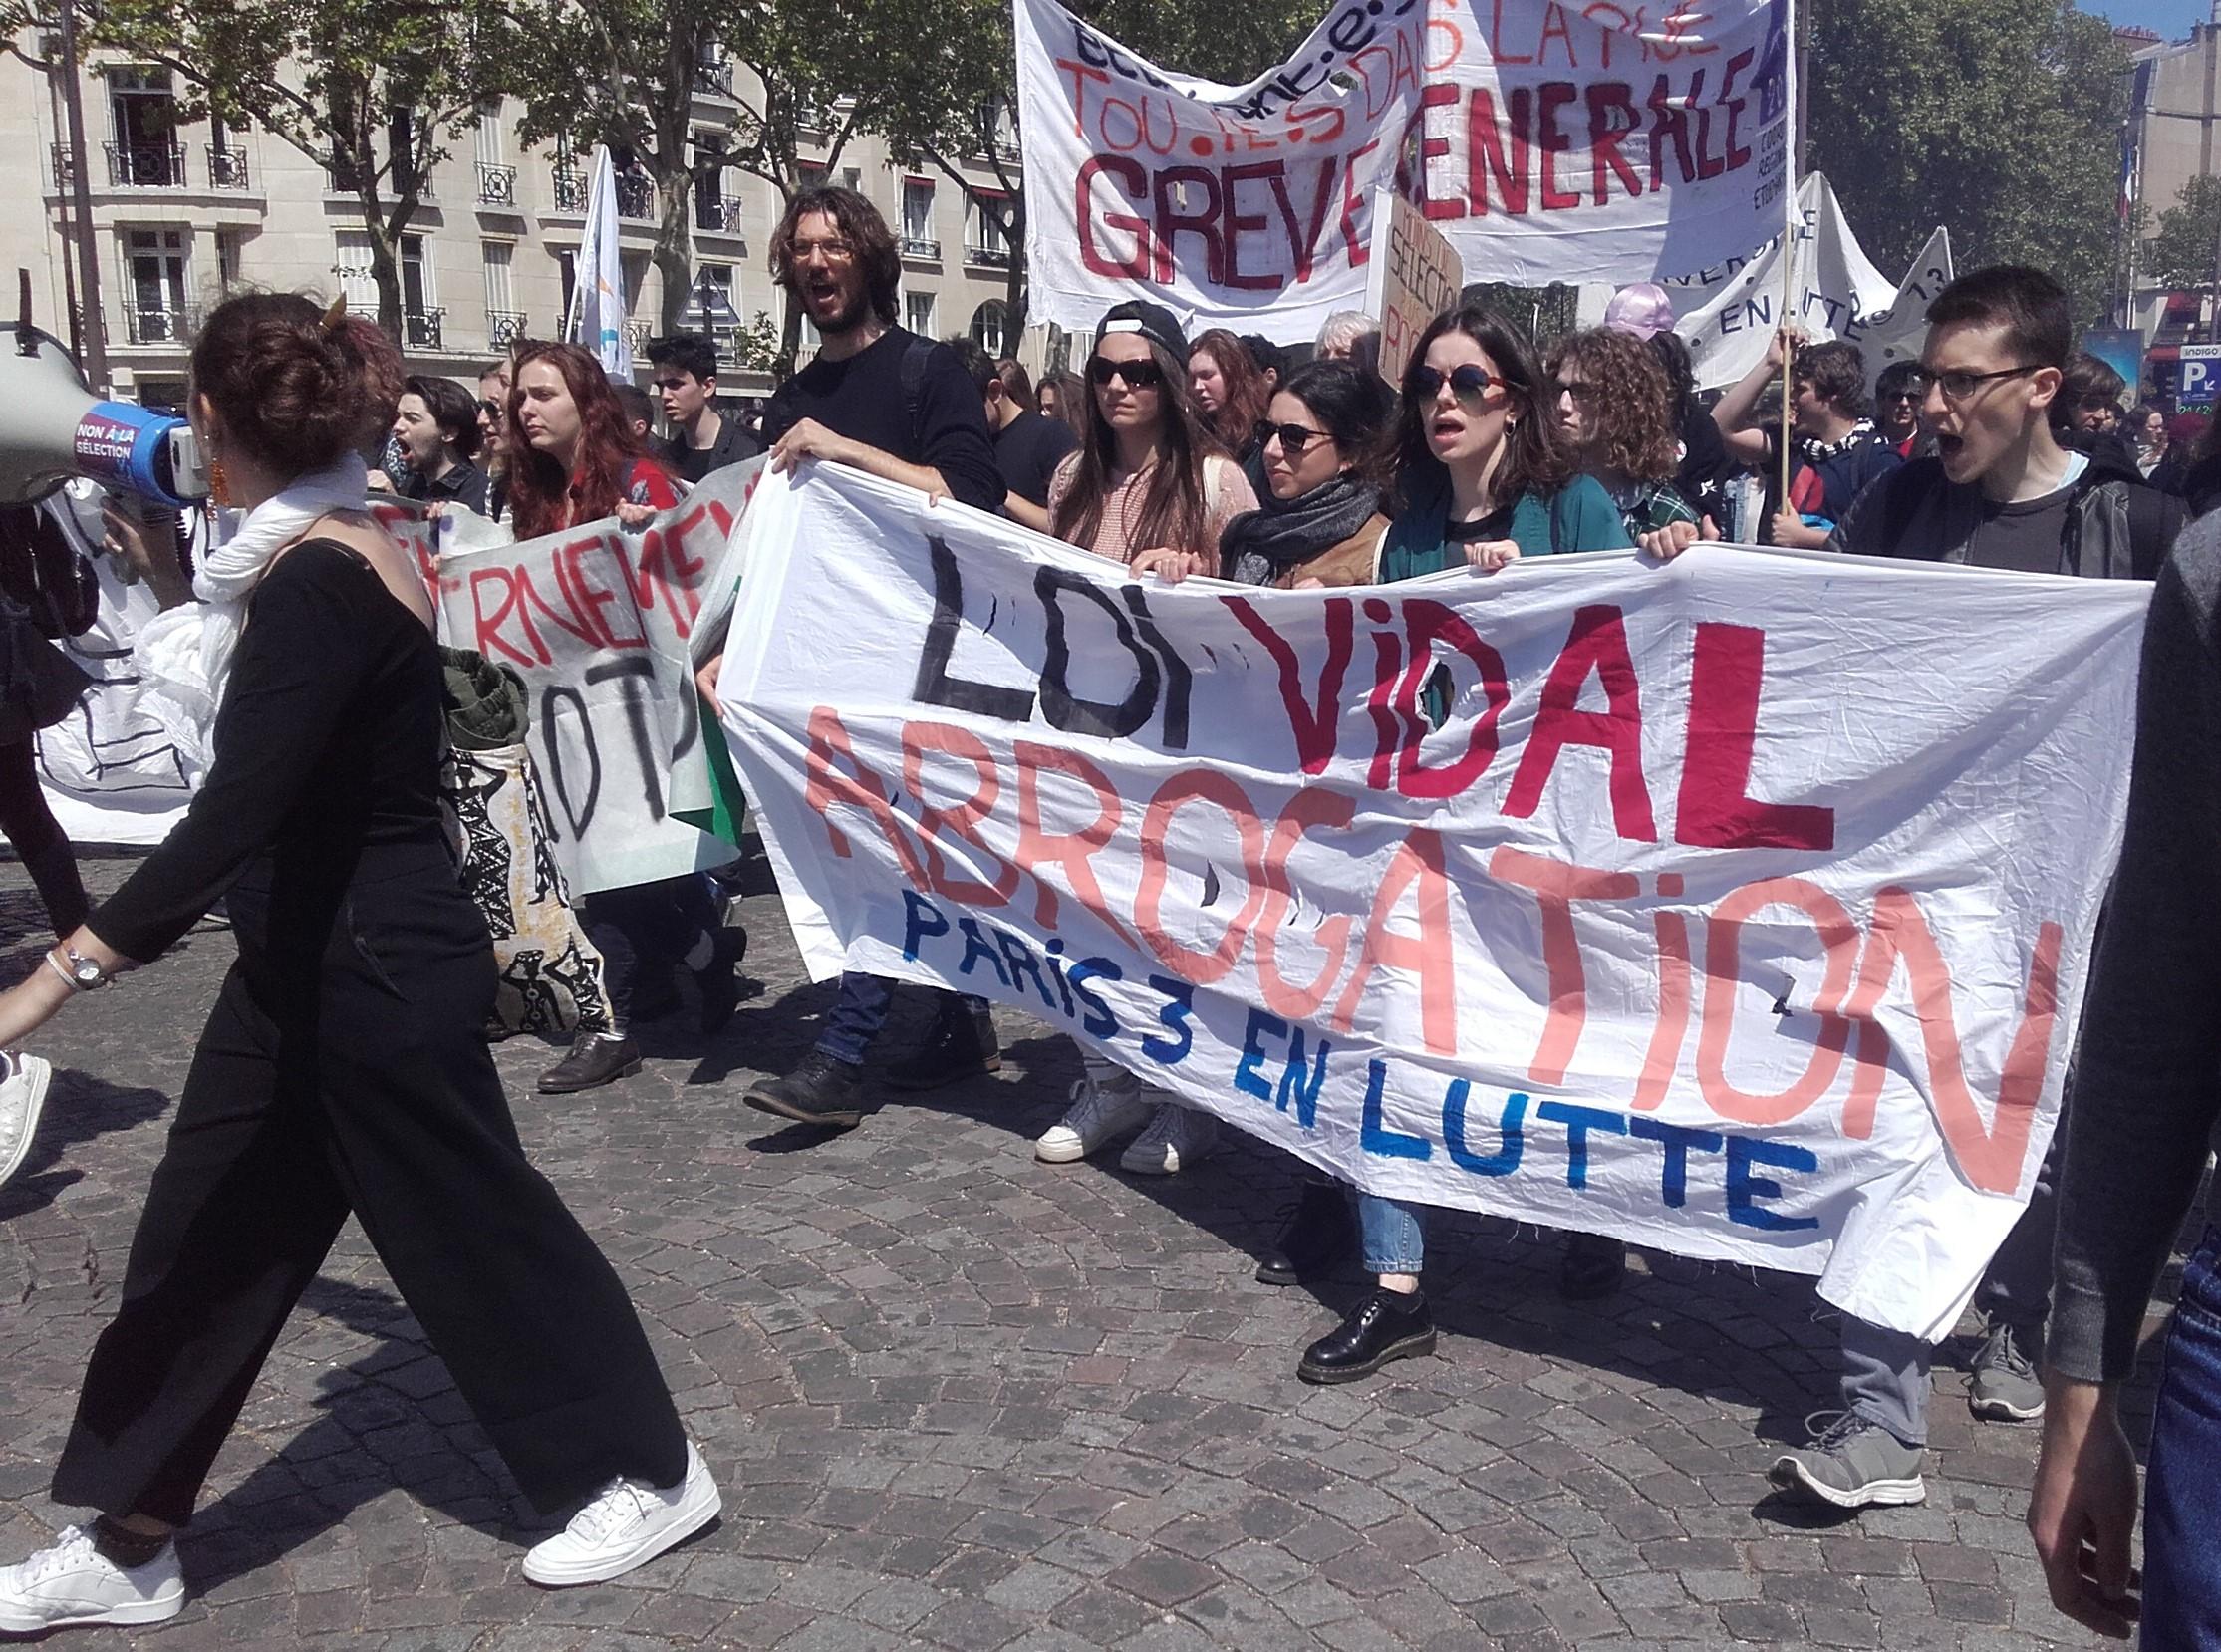 La mobilisation contre la loi Vidal à un tournant